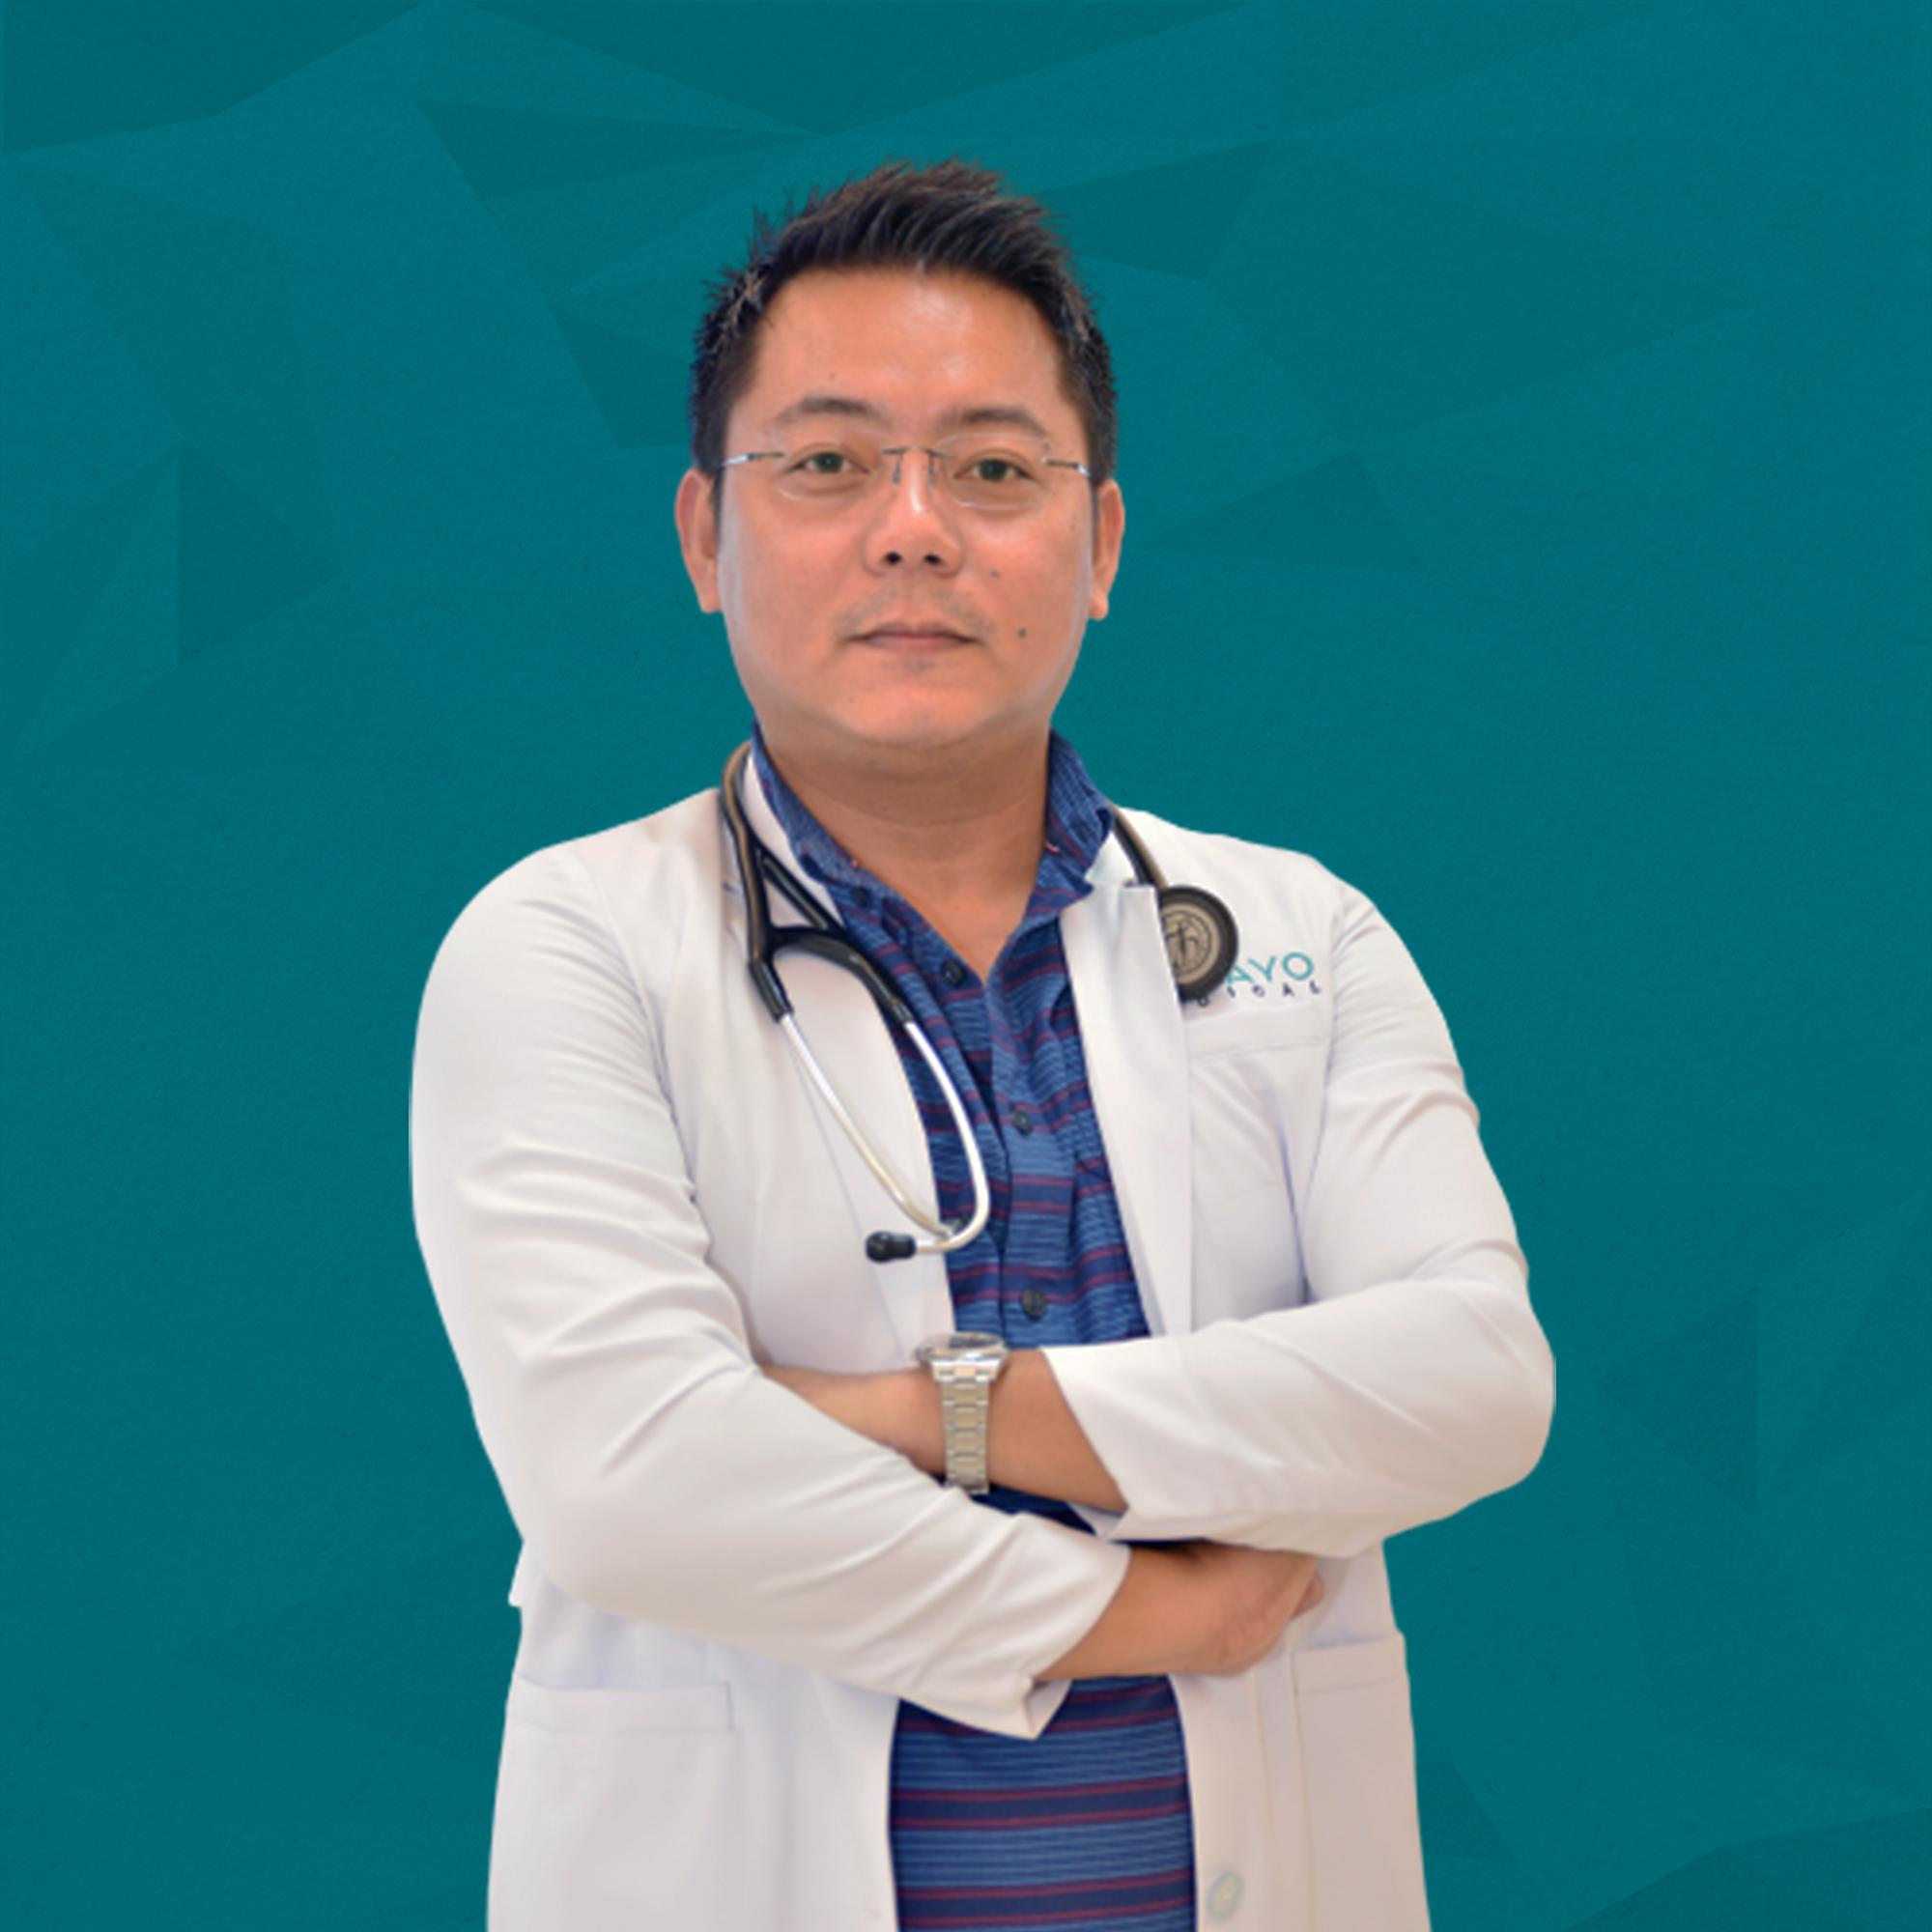 DR. ROA JR., NELLO BAYANI IV